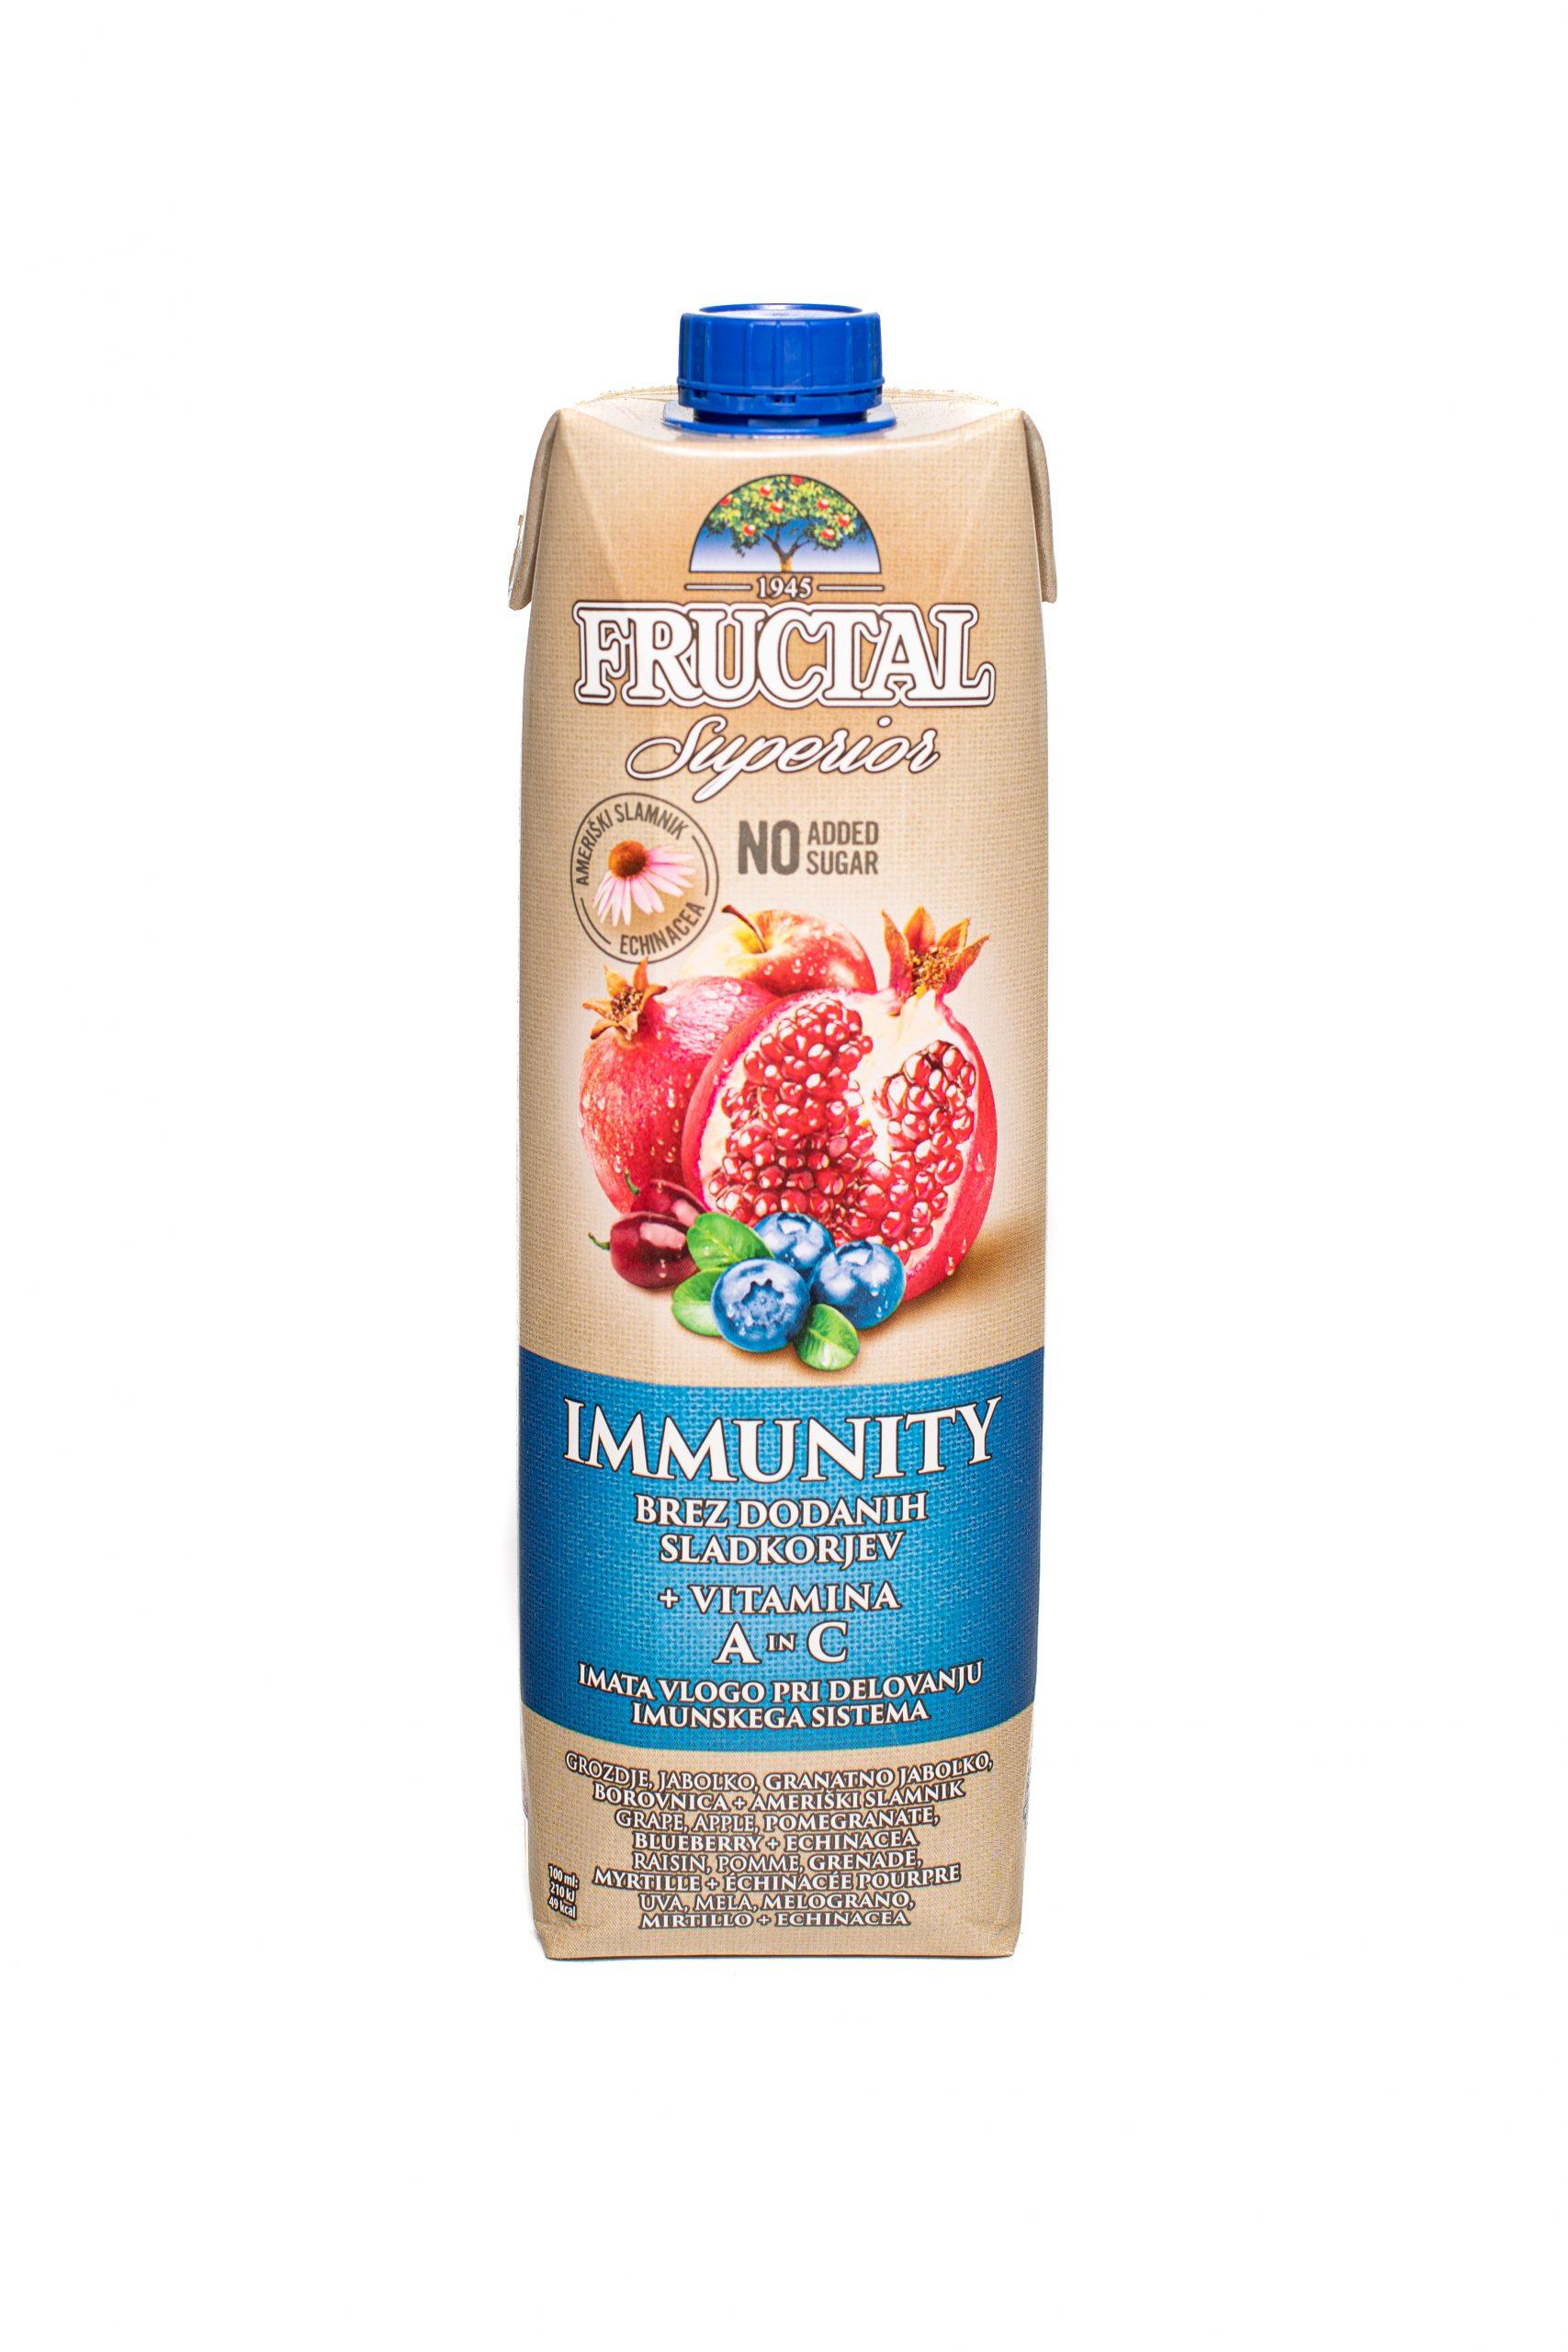 Fructal Superior Organic | 1L | No Sugar Added | Immunity